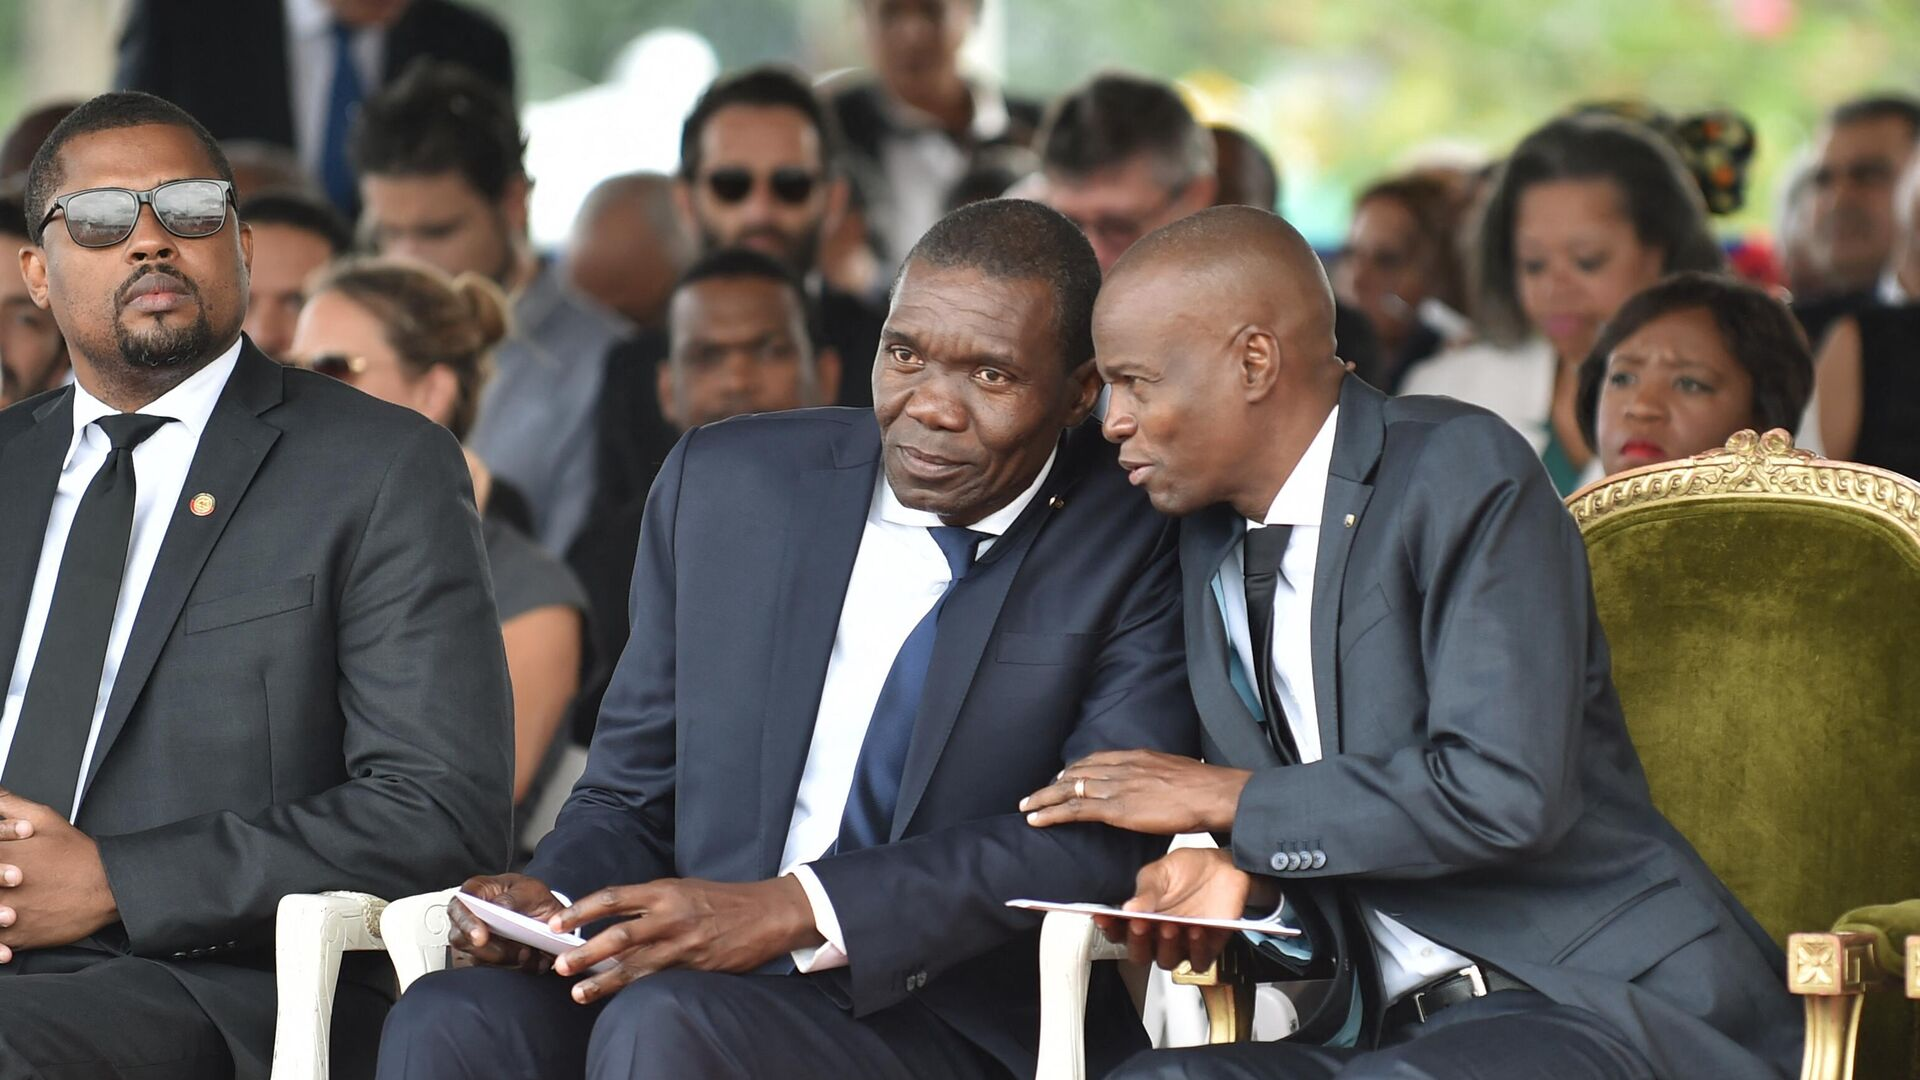 El senador Joseph Lambert, junto a Jovenel Moise, presidente de Haití asesinado - Sputnik Mundo, 1920, 10.07.2021